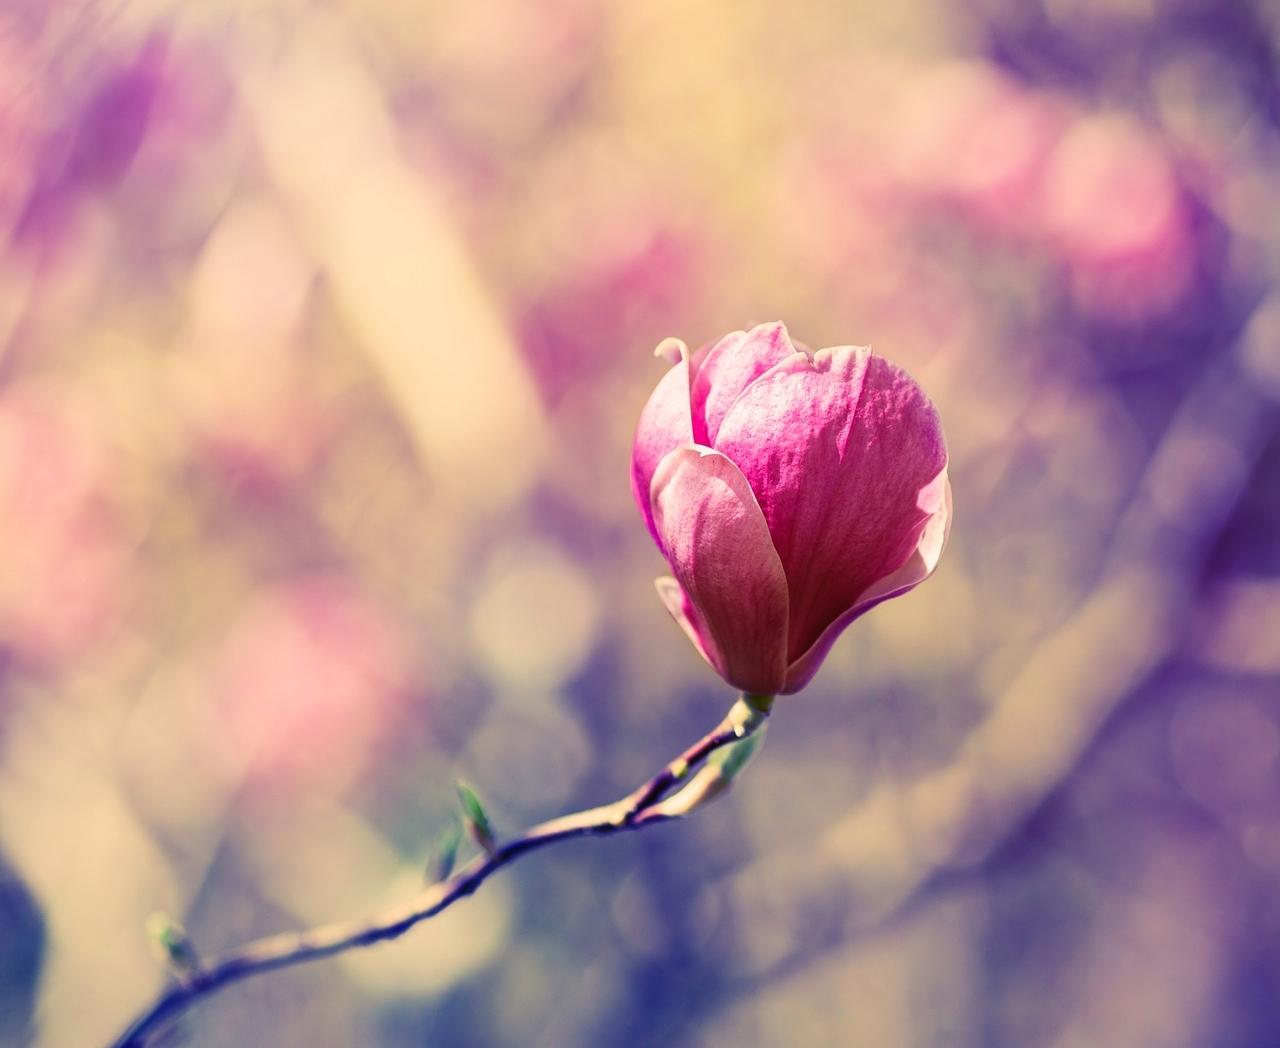 blossom-1187330_1280